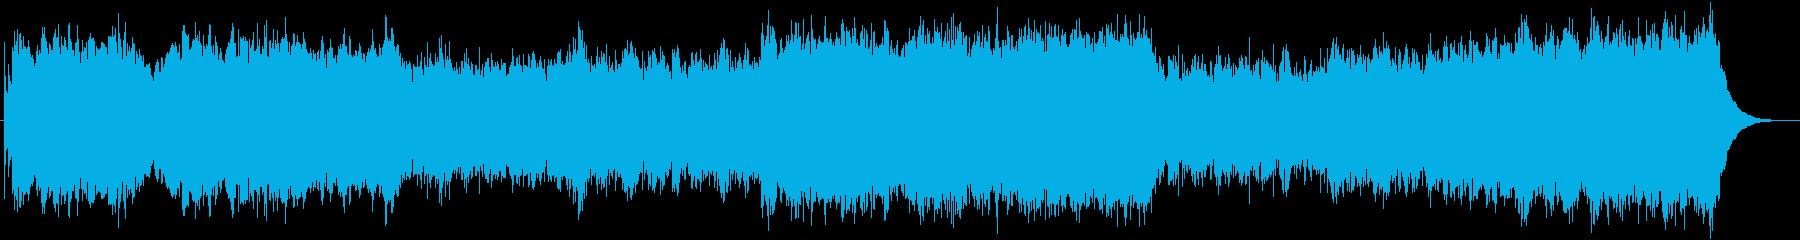 壮大なエンディング風のオーケストラの再生済みの波形